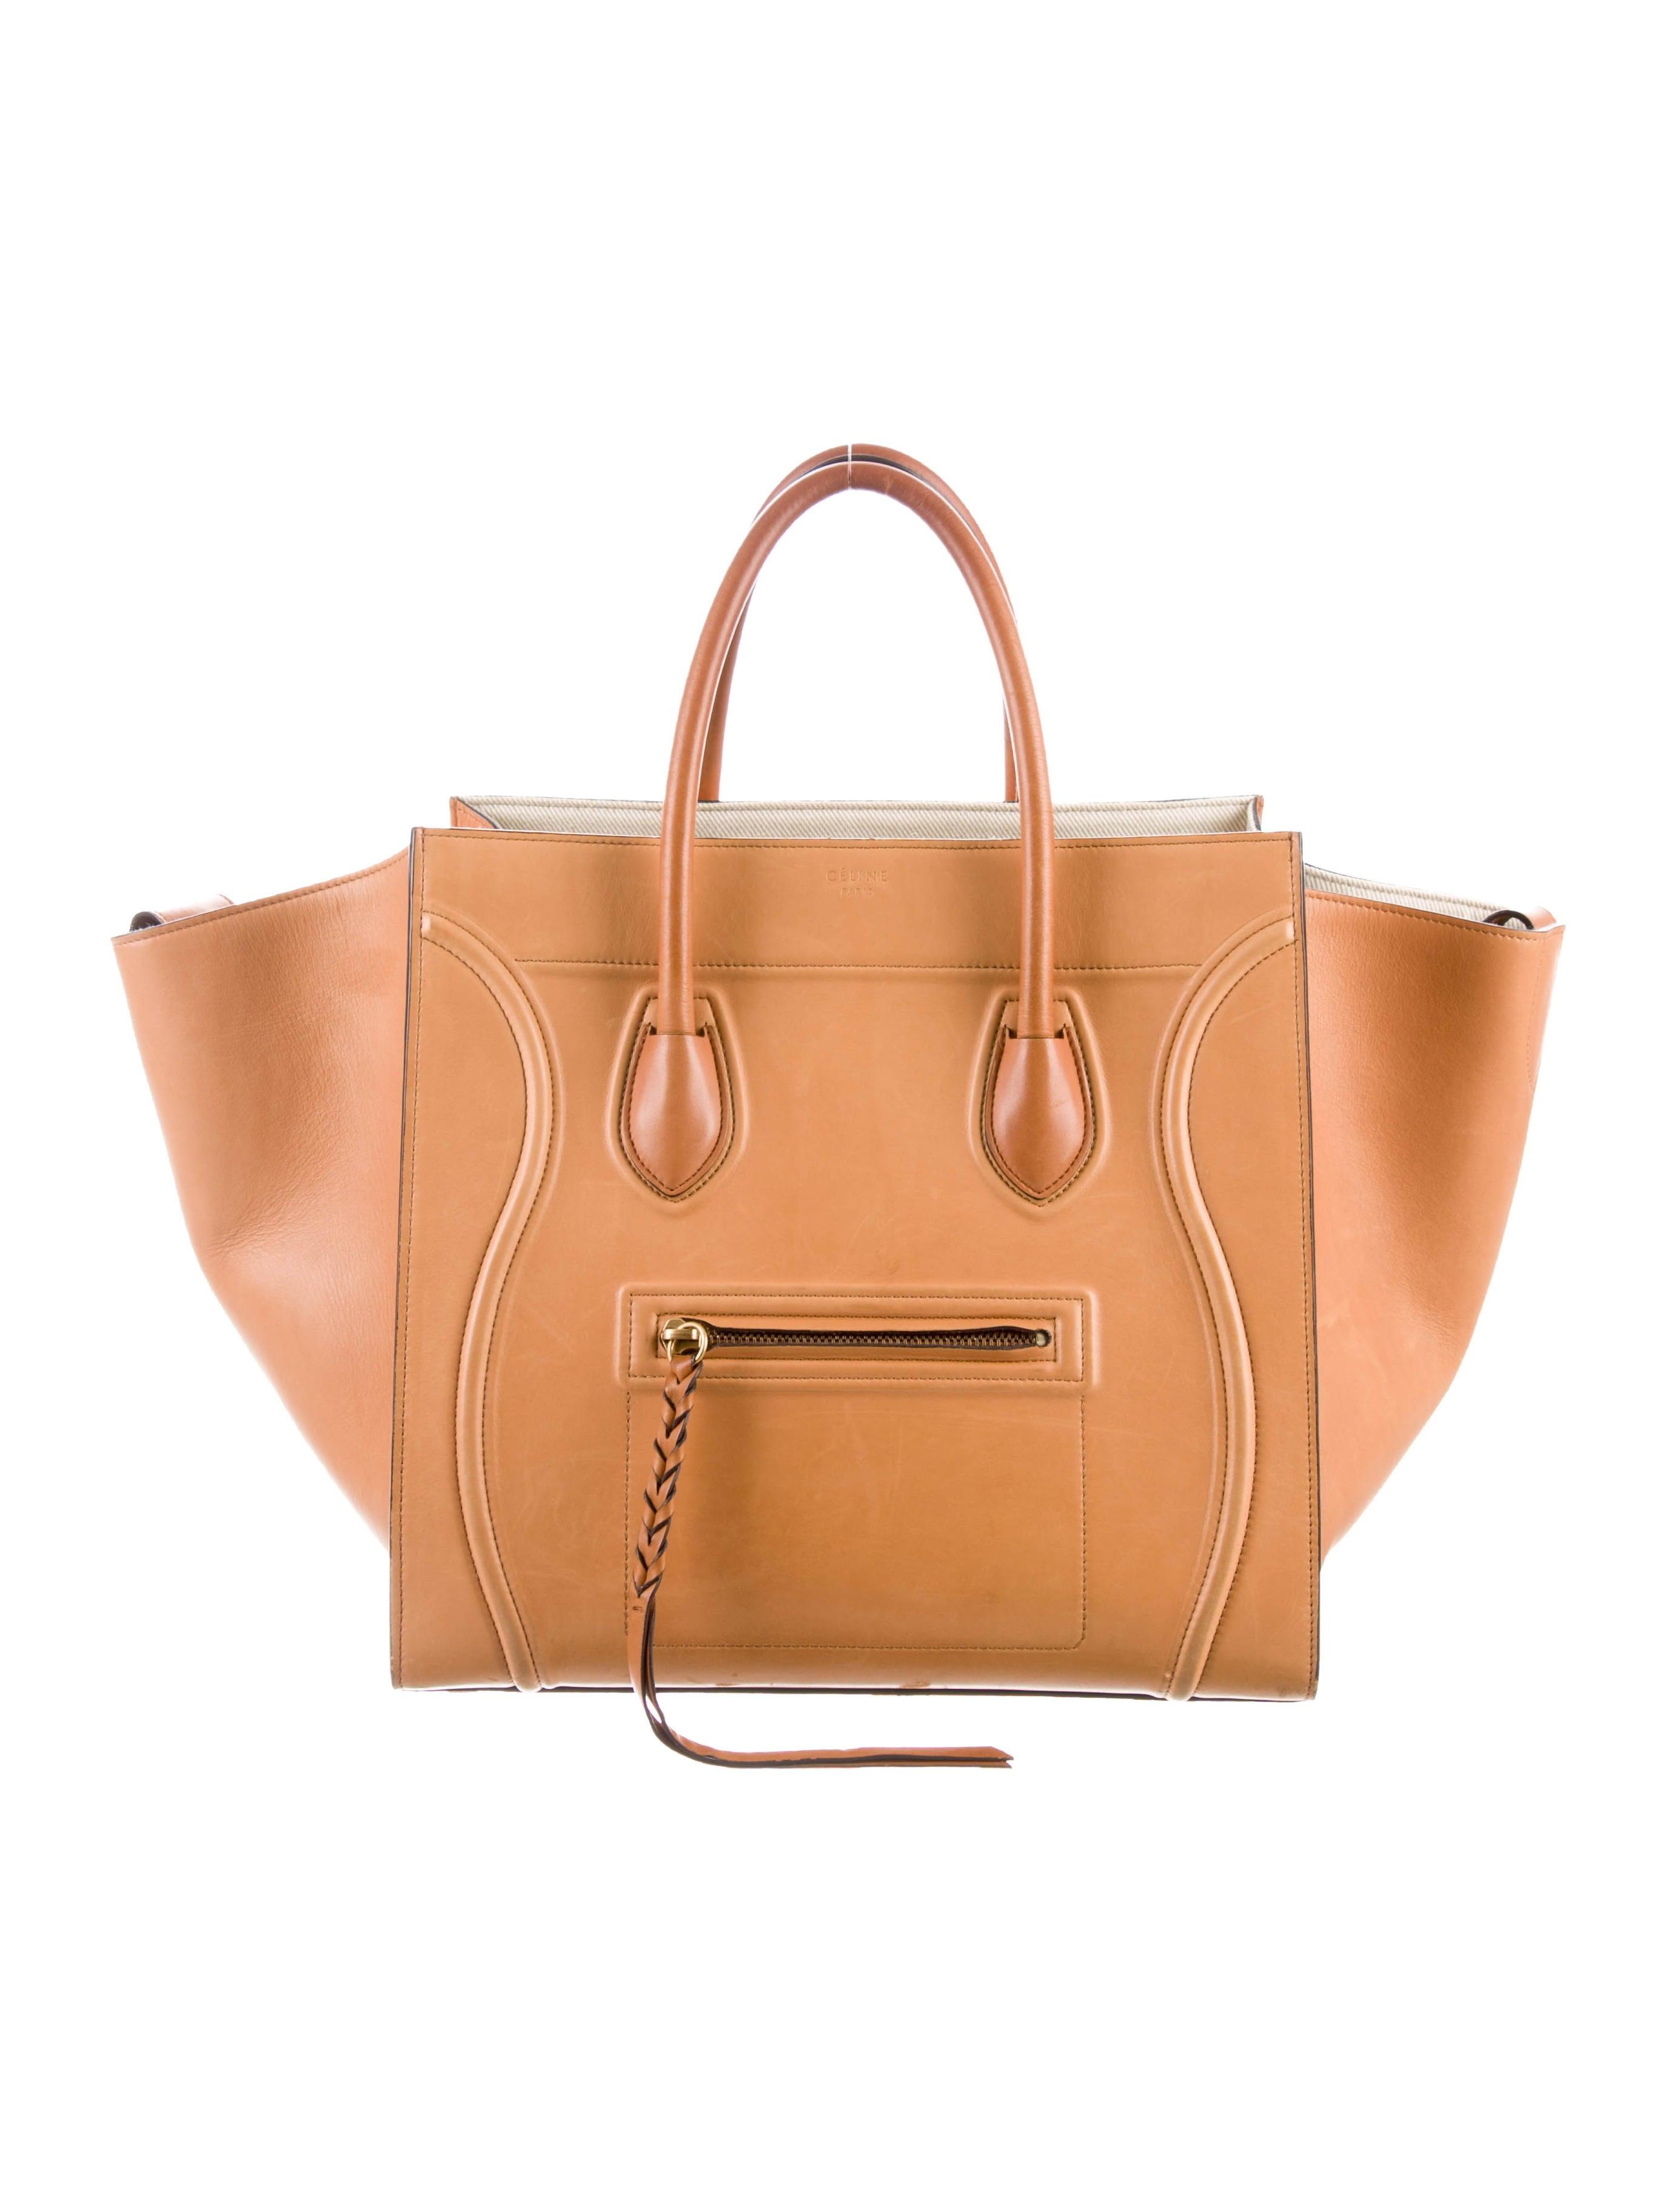 71c4852ca2 Celine Céline Medium Luggage Phantom Tote - Handbags - CEL72423 ...